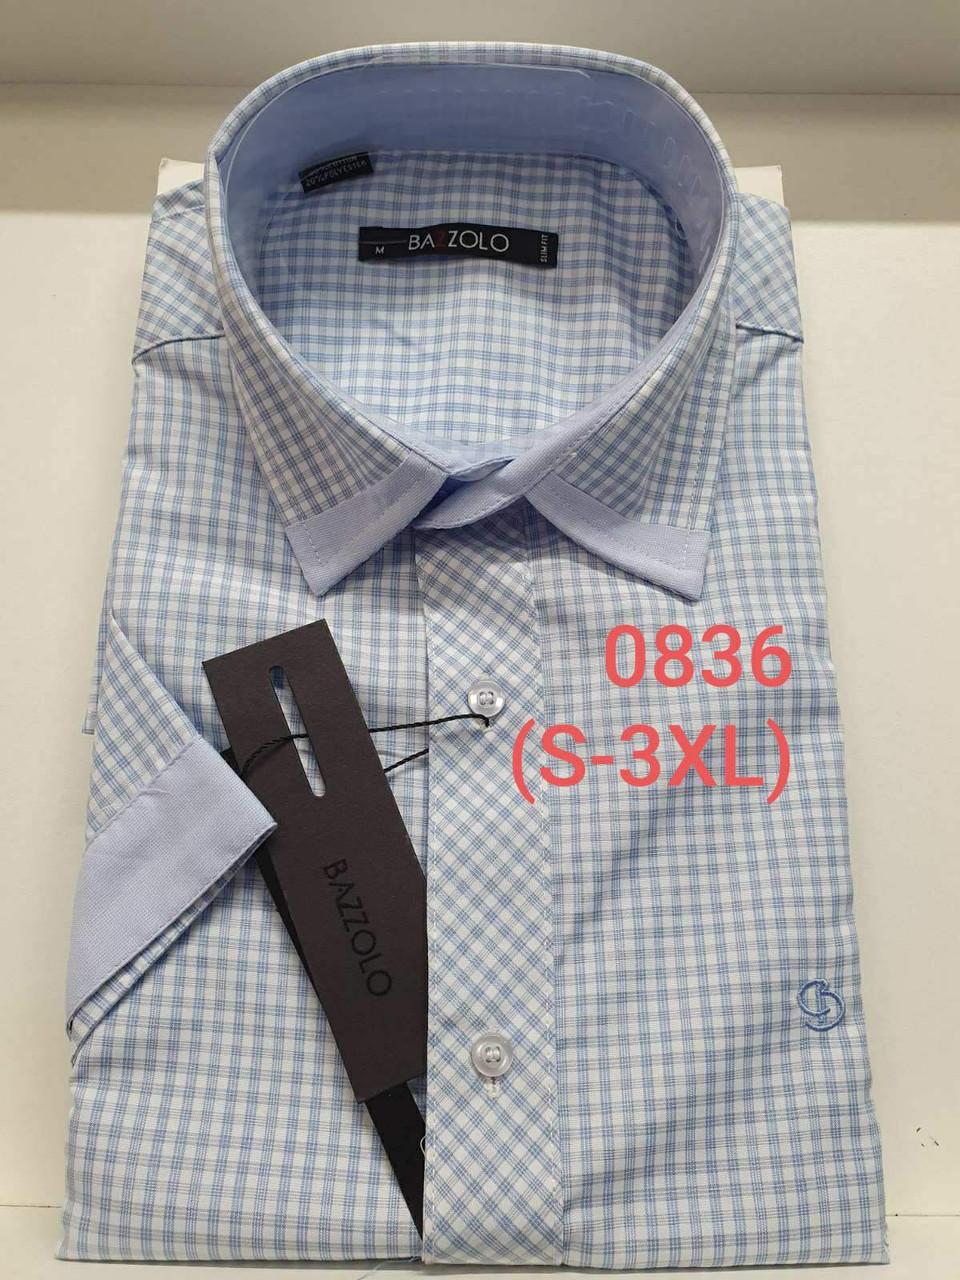 Рубашка с коротким рукавом Bazzolo 0836